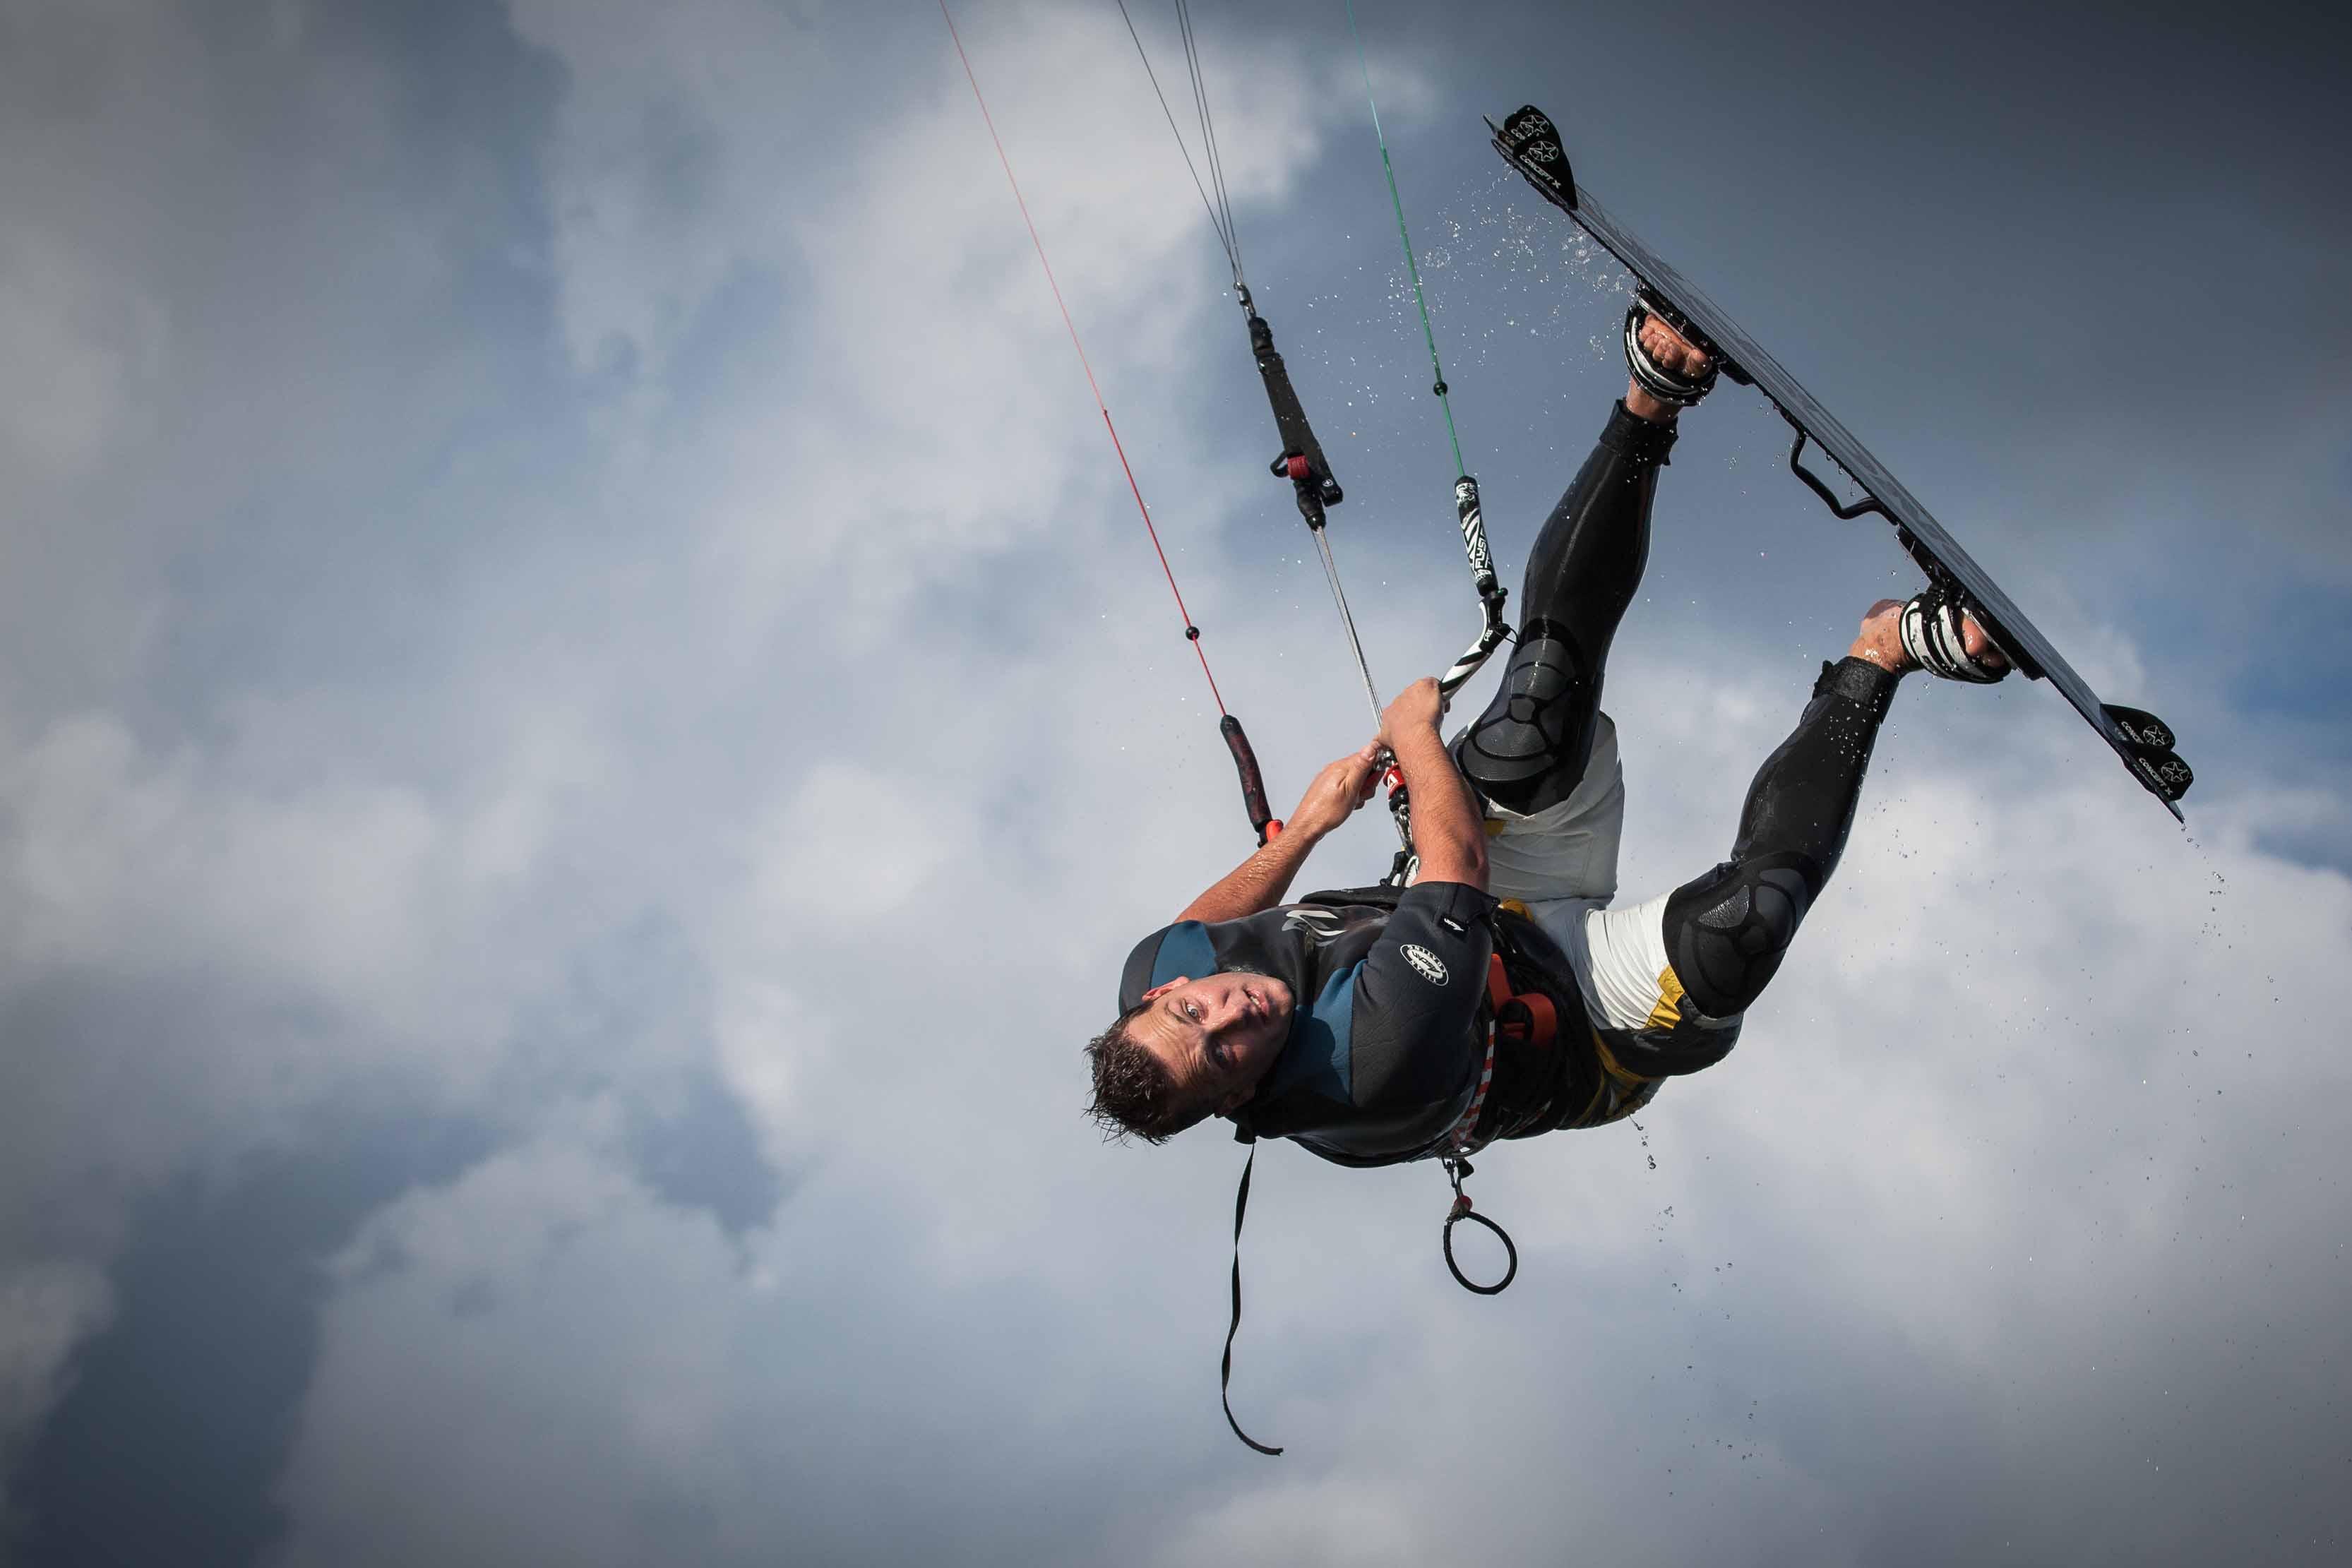 LOS-Kai bei seinem Ausgleichssport dem Kitesurfen.